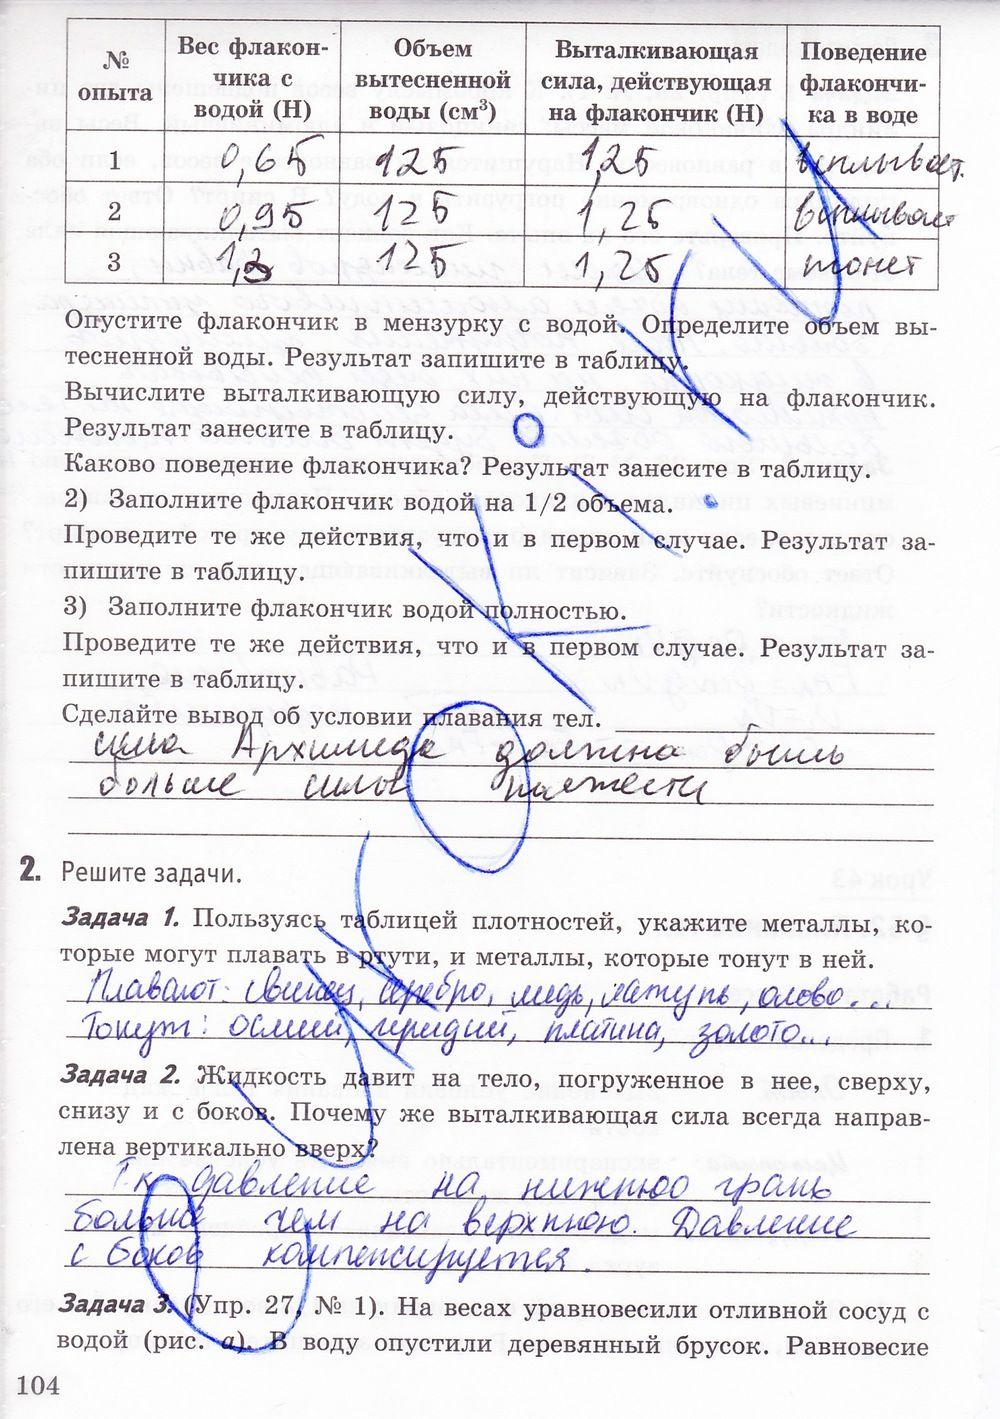 Решебник по биологии 9 класс мащенко барисов антипенко тетрадь 2018 г